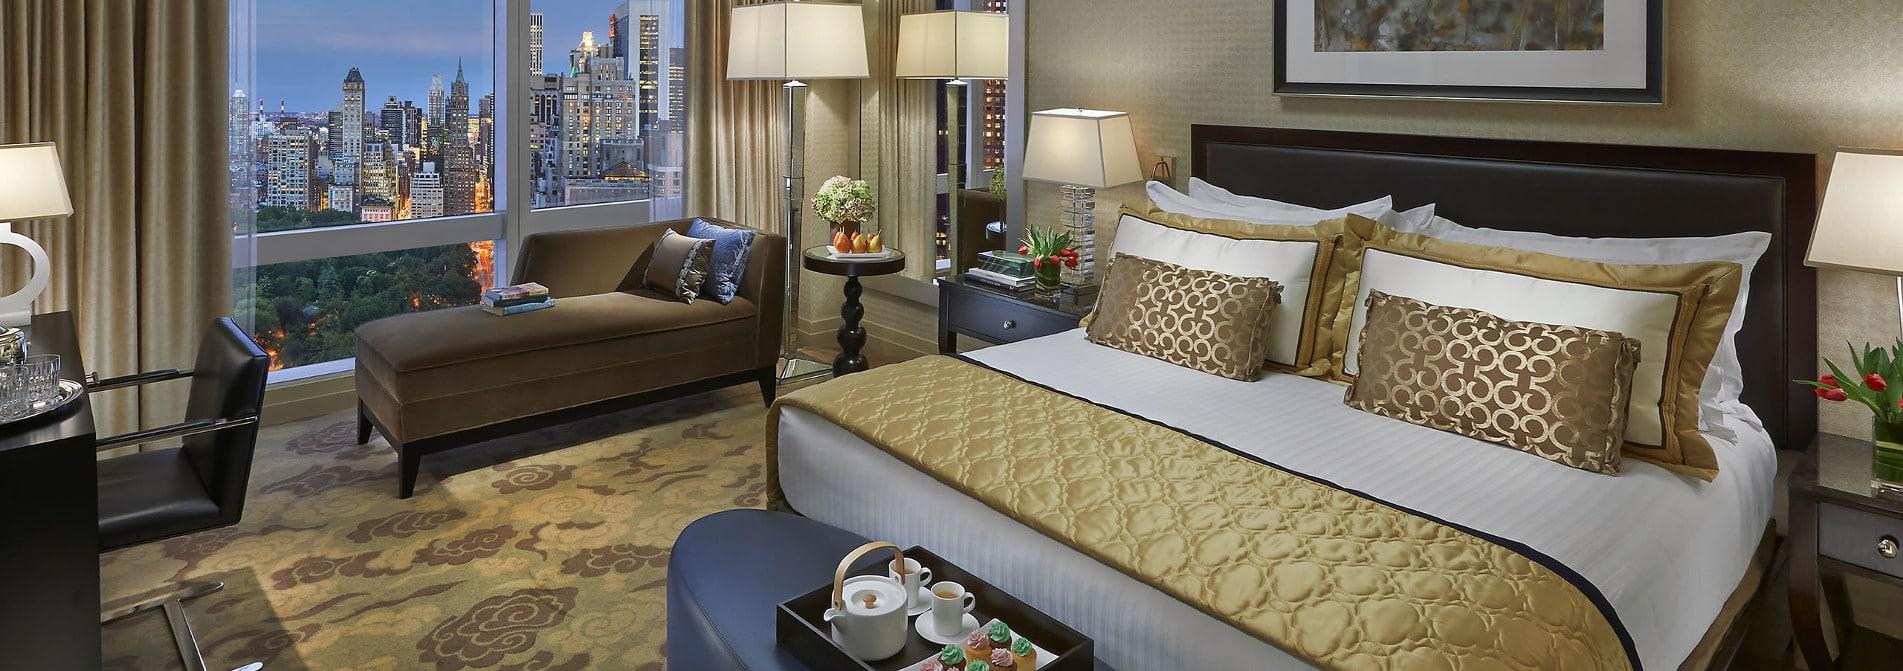 Besoin de comparer les prix de cet hôtel à New York ?